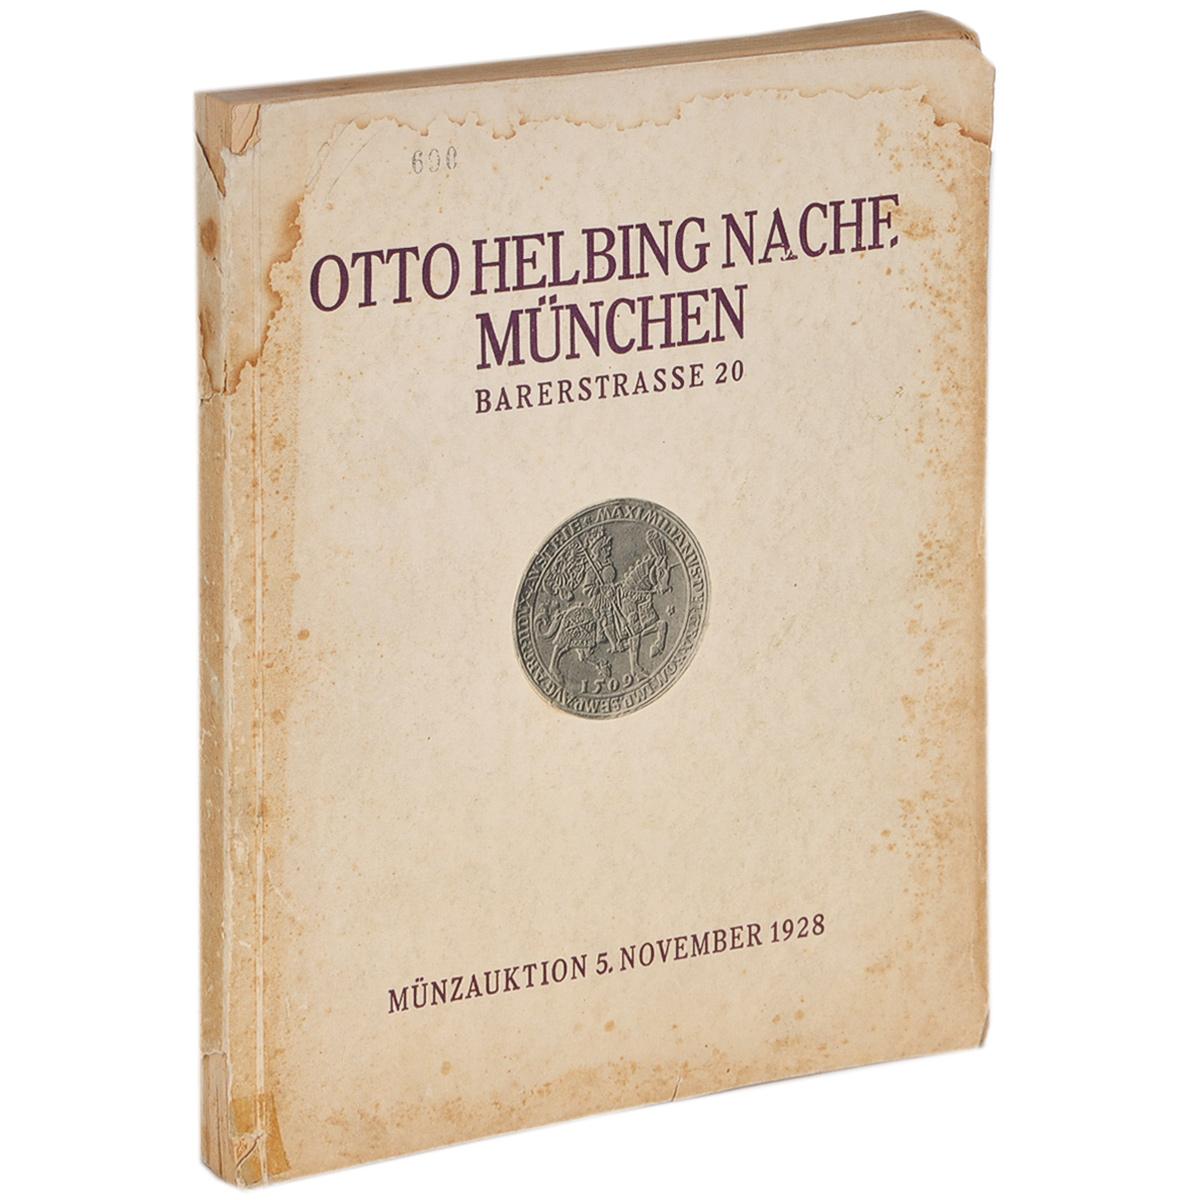 Bedeutende Sammlung von Munzen und Medaillen: Katalog